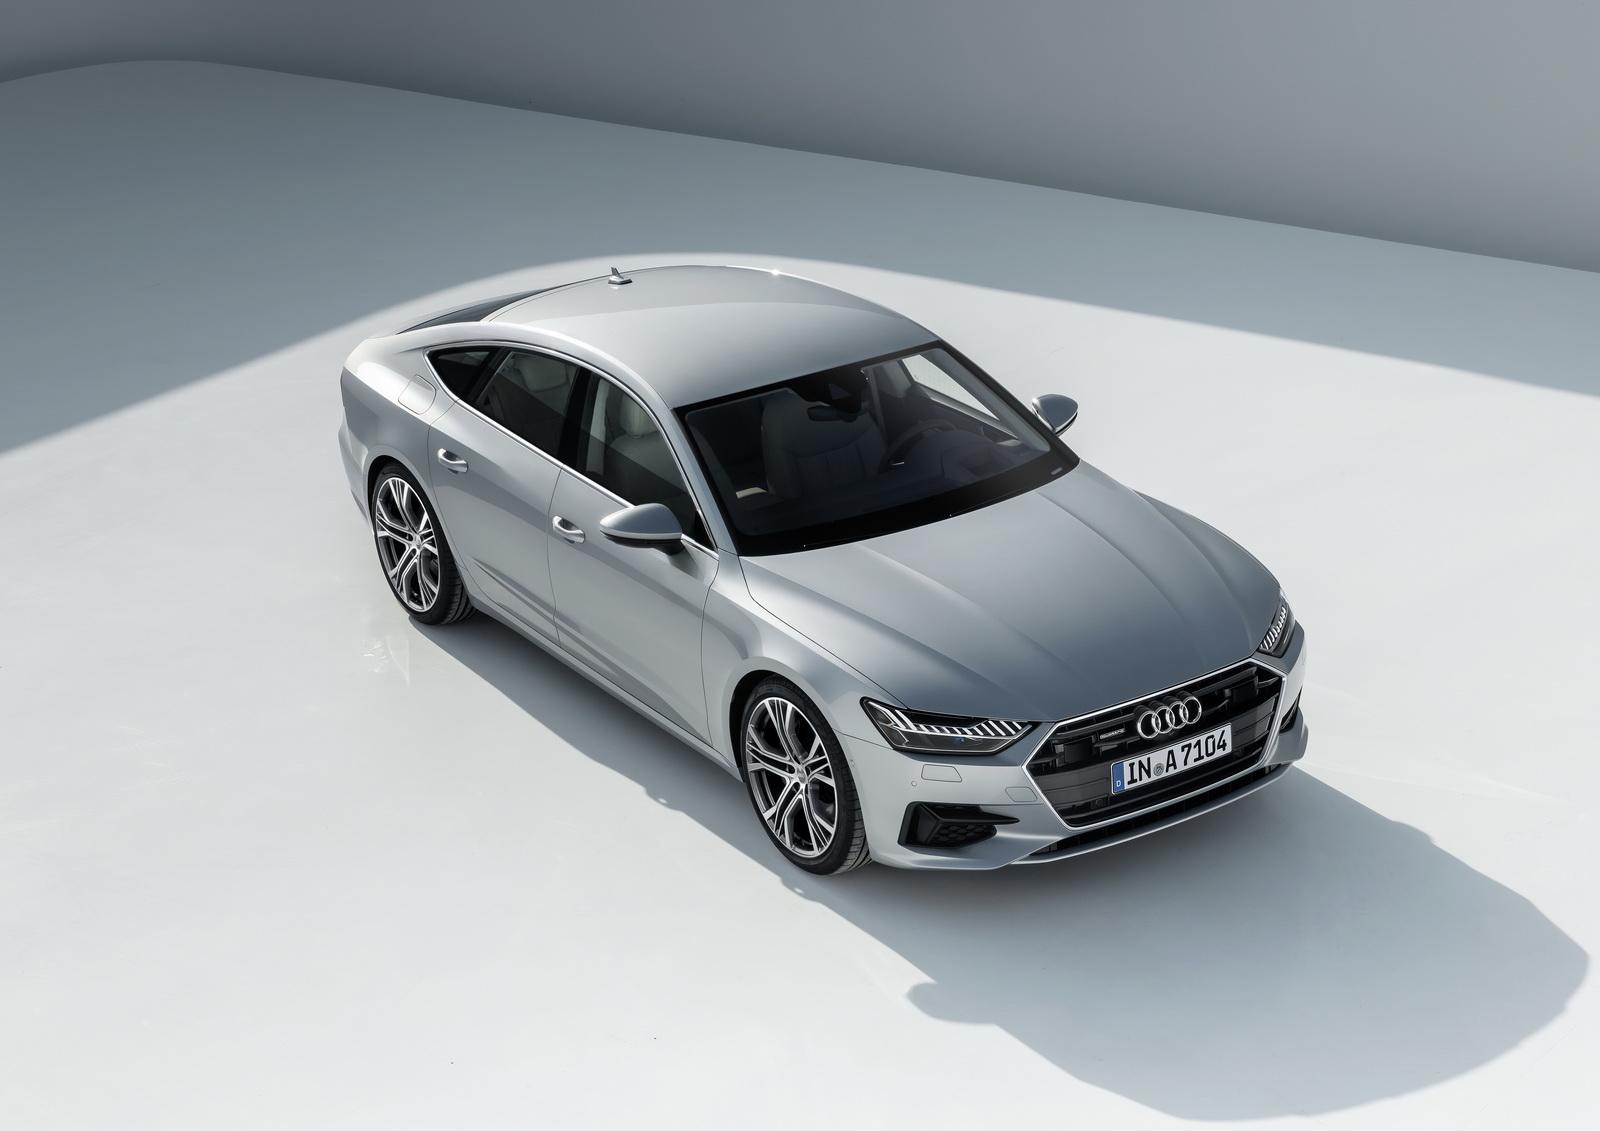 Audi A7 Sportback MY 2018